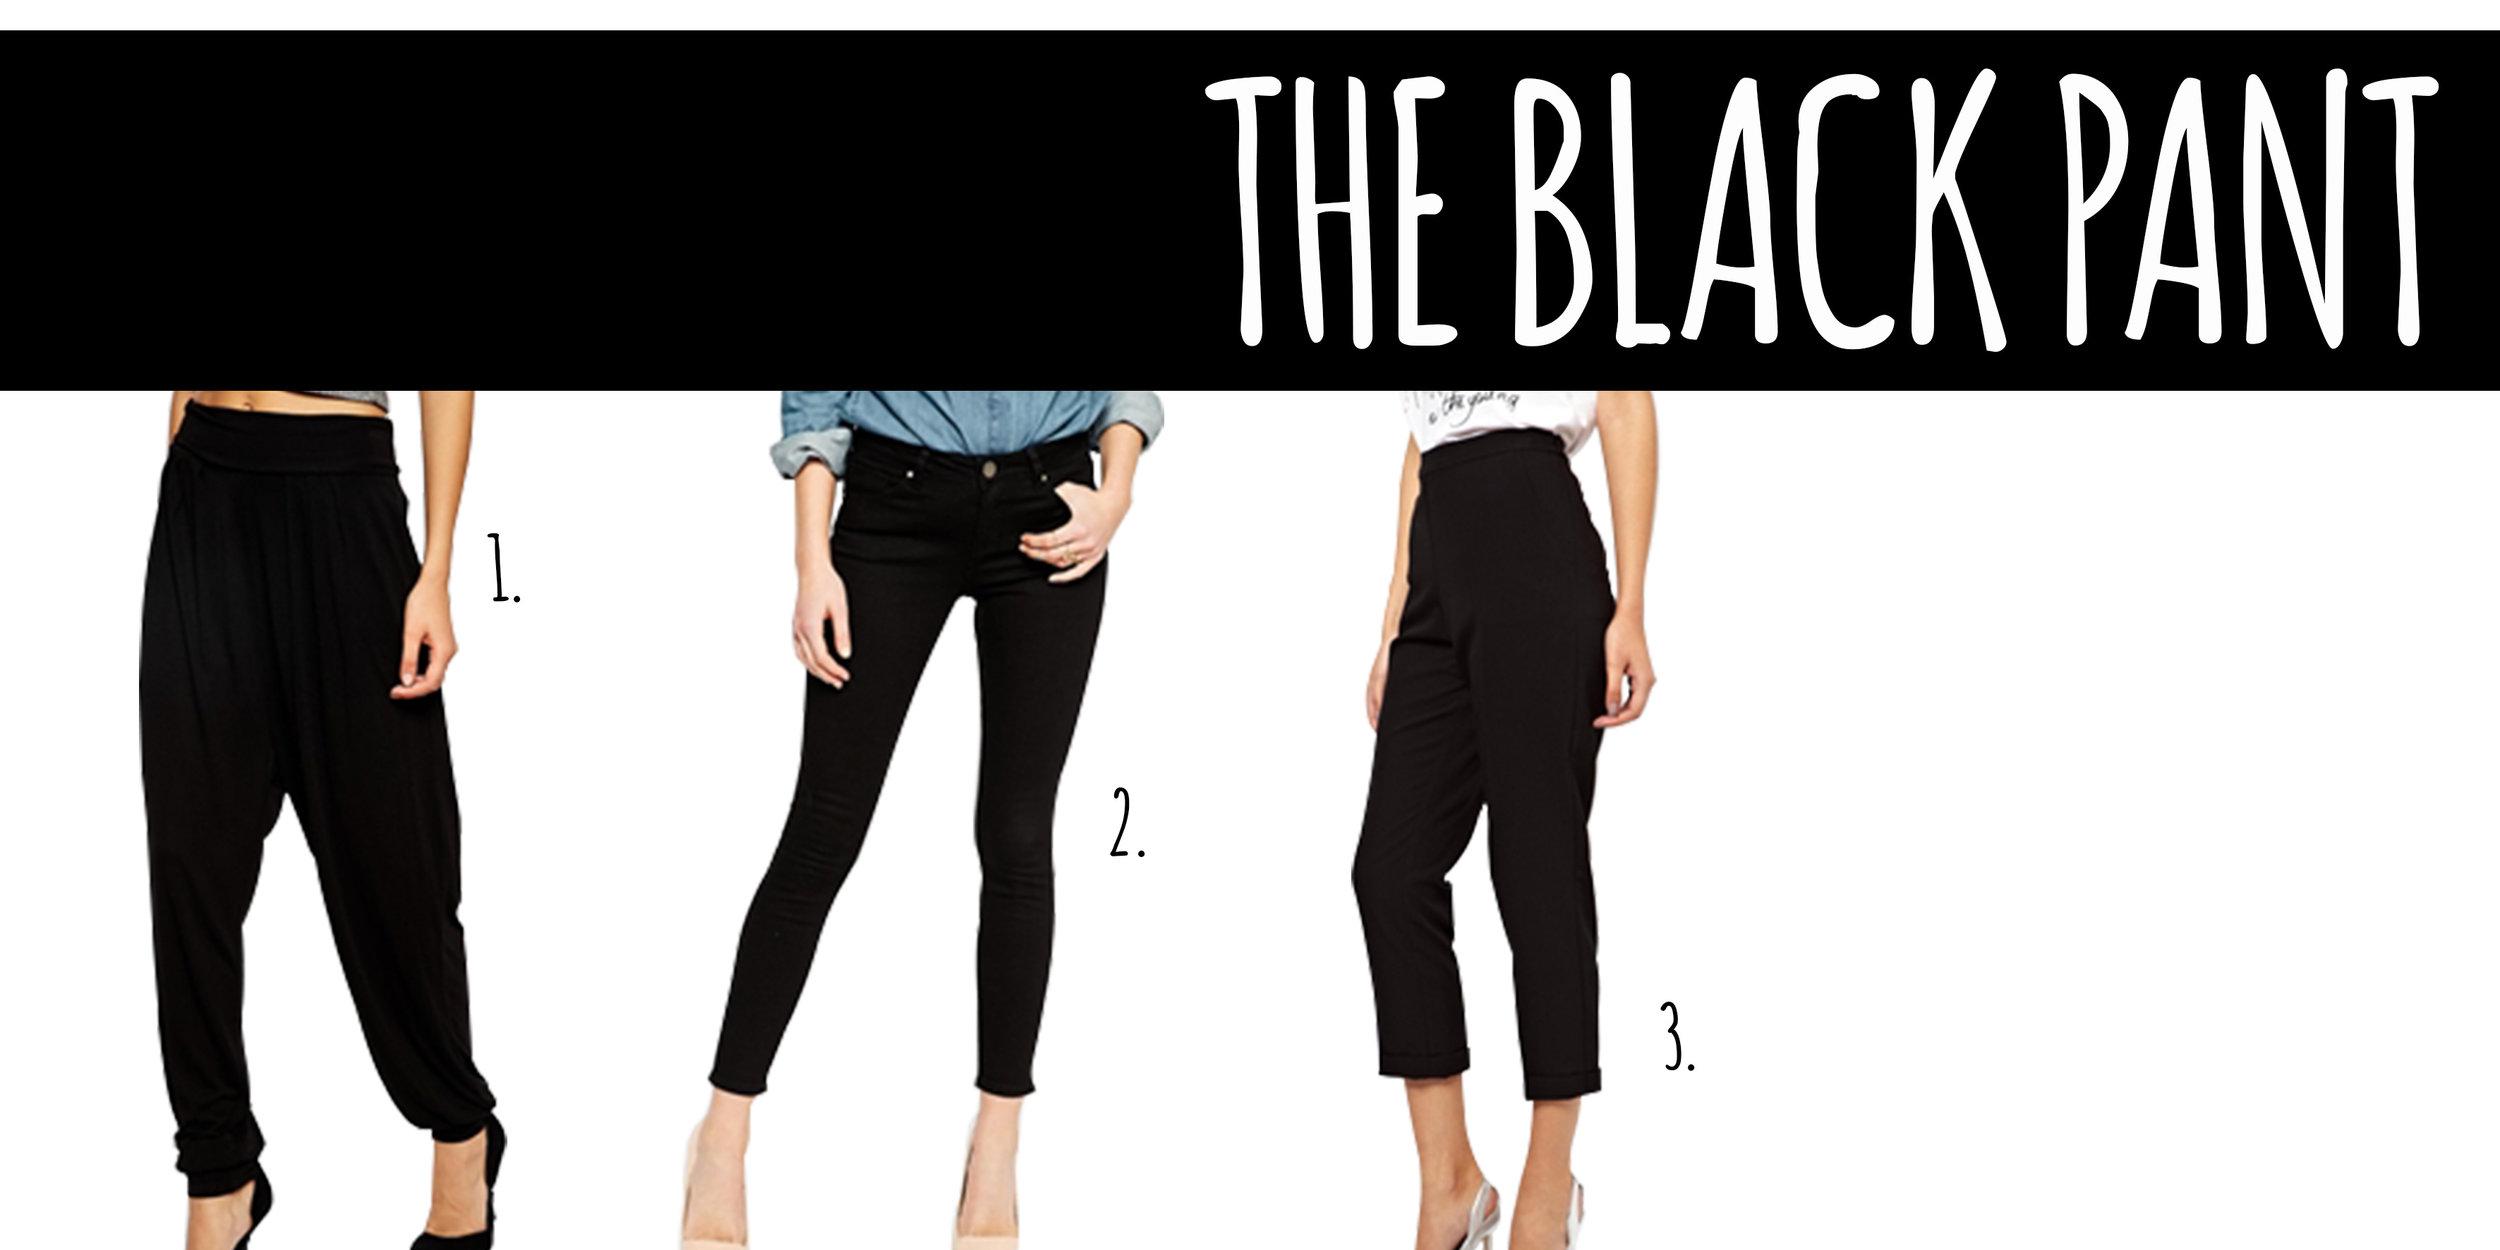 The Black Pant